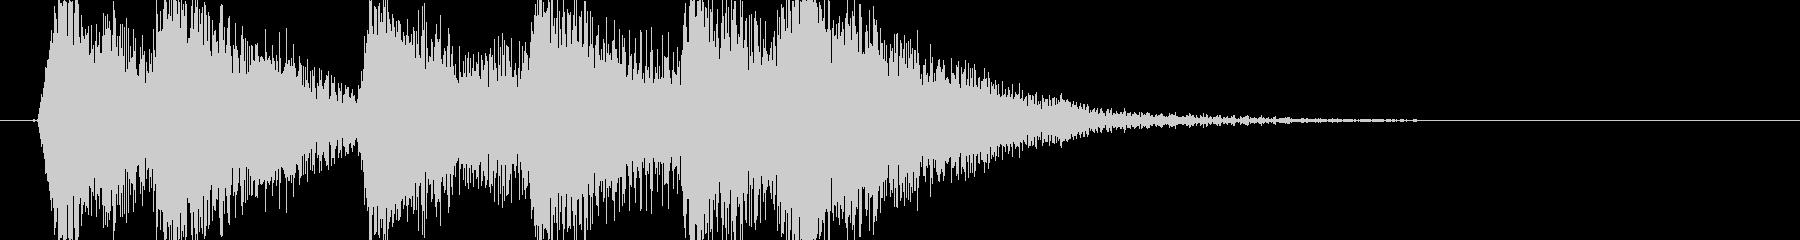 弦 オーケストラヒット 旋律の未再生の波形